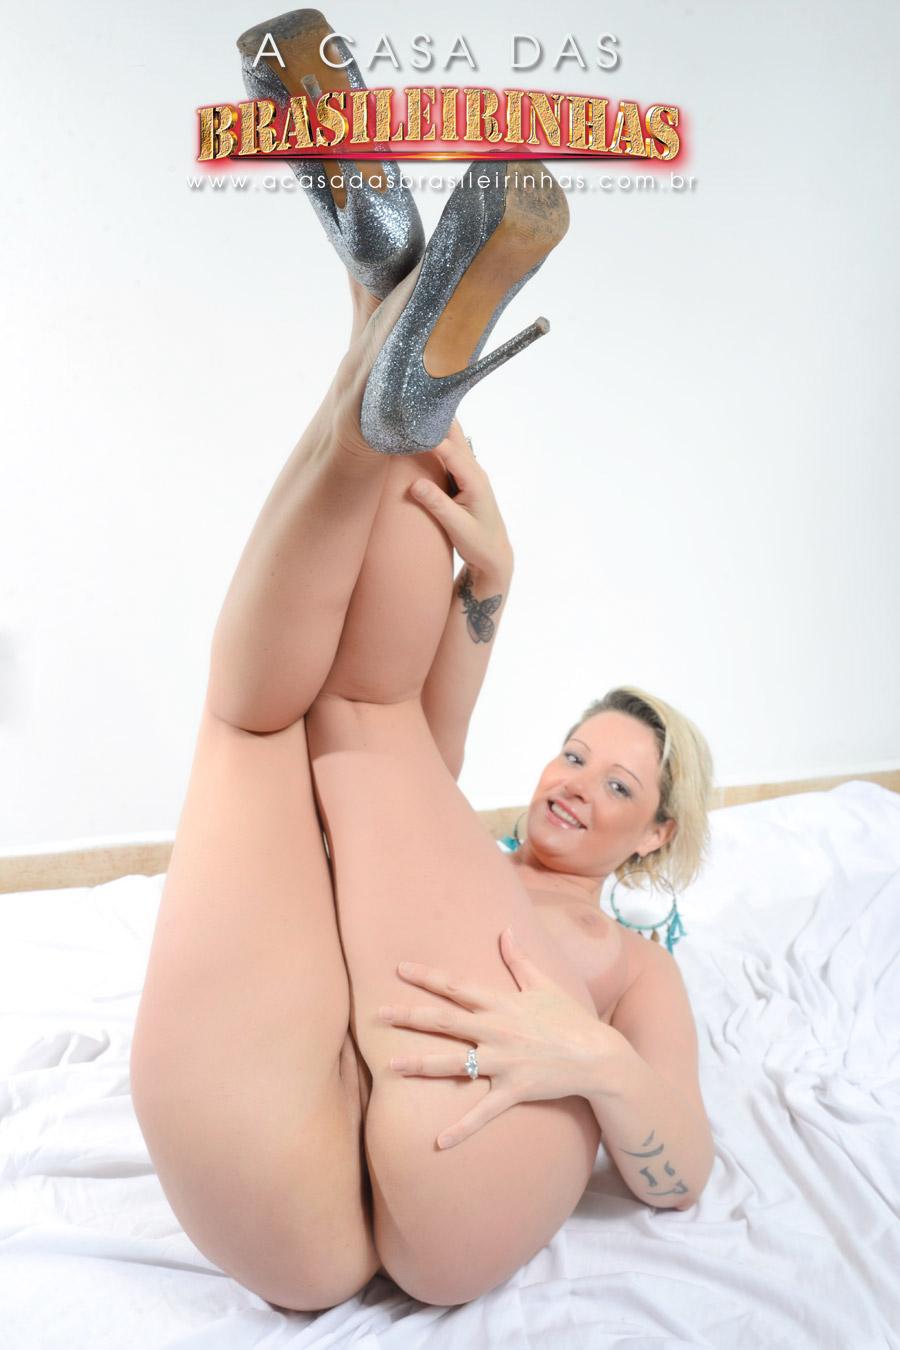 alexia-prado-gostosa-com-as-pernas-pra-cima-mostrando-o-bundao.jpg